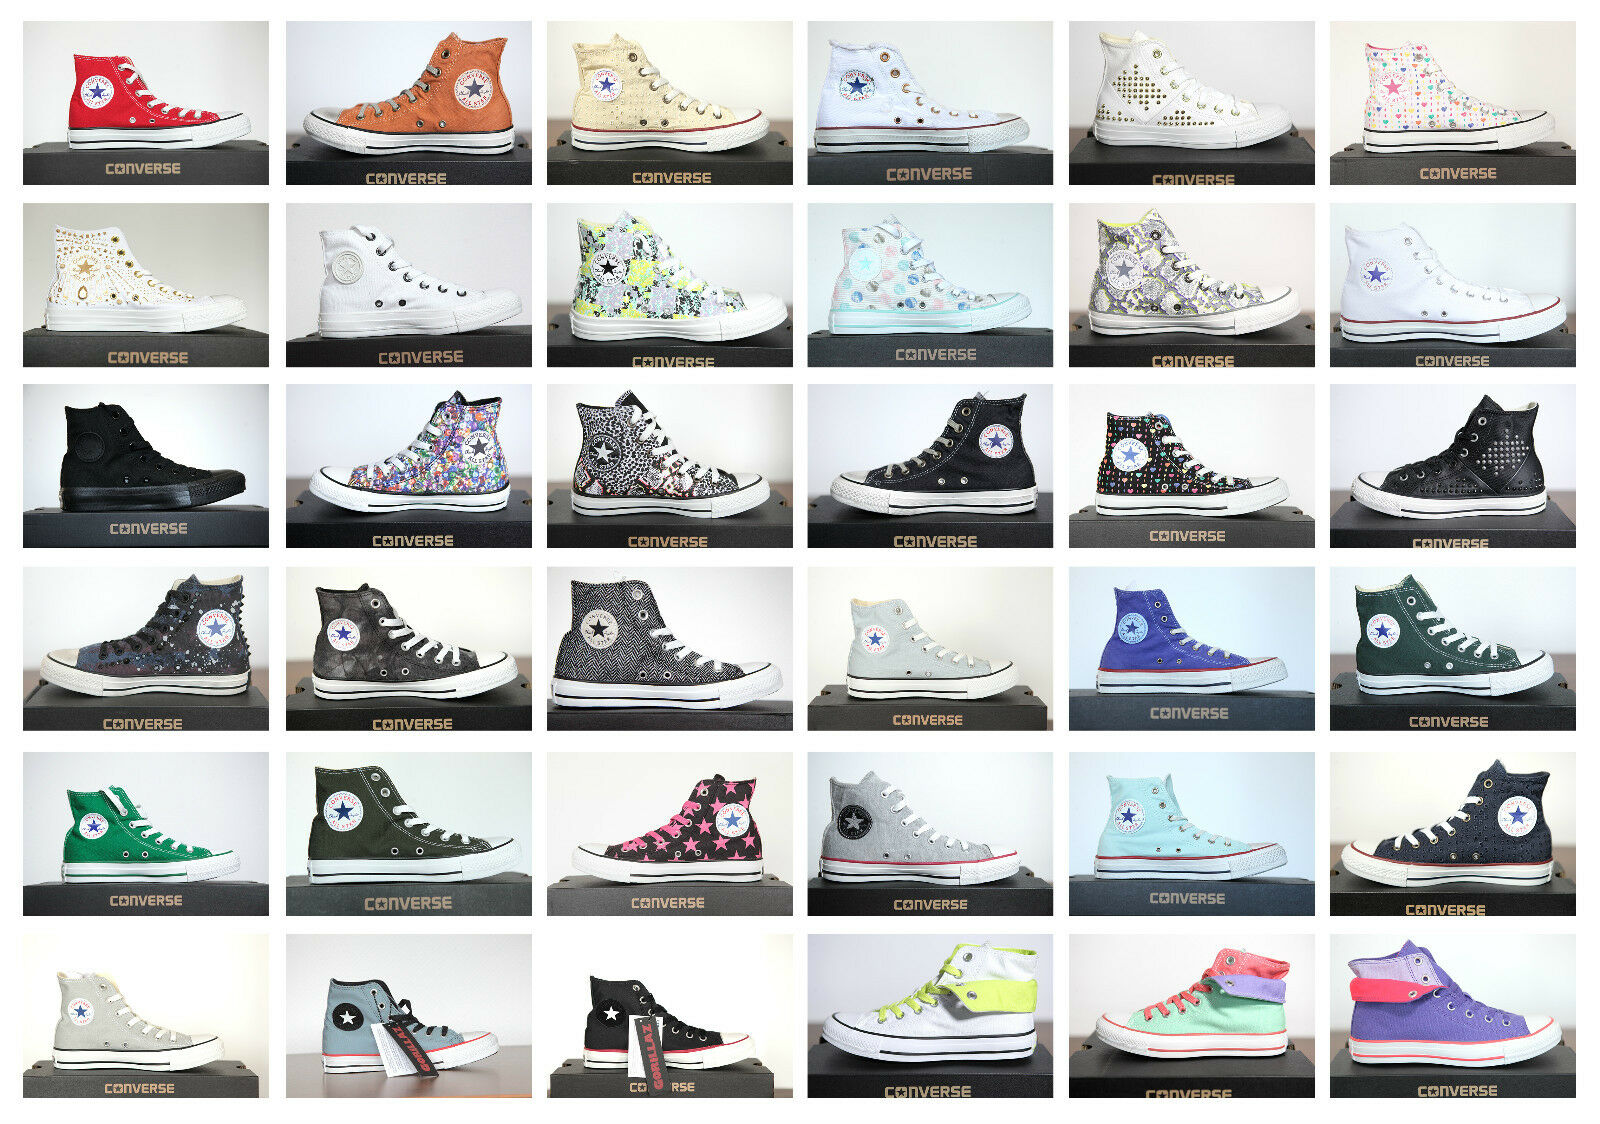 Neu All Star Converse Chucks Sneaker Hi Leinen Damen Herren Sneaker Chucks viele Modelle d2e61b